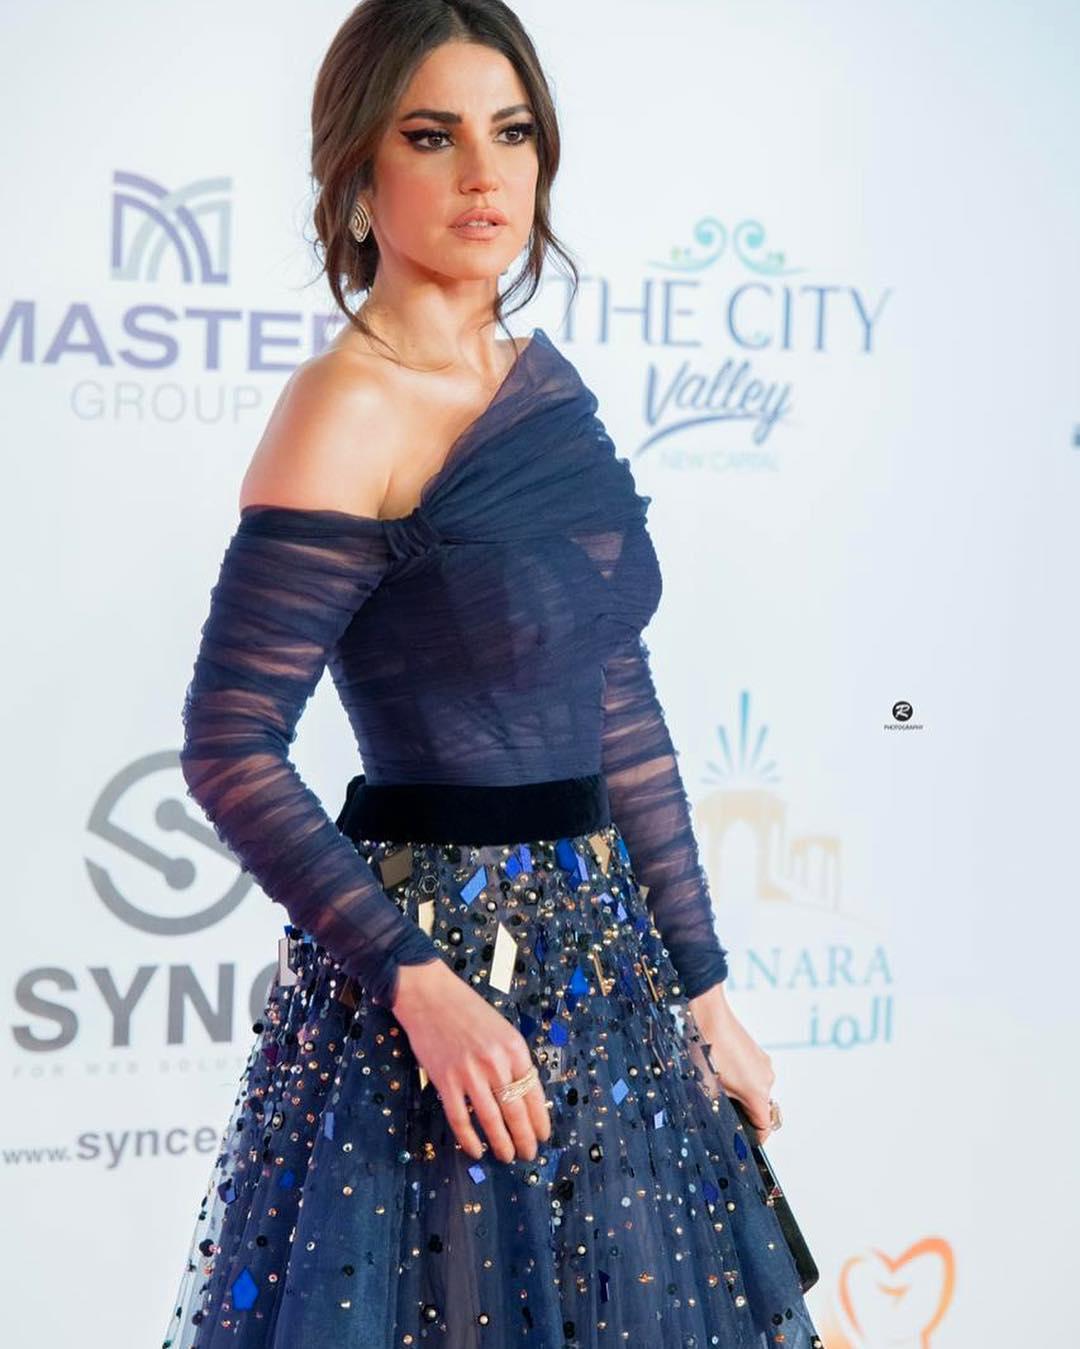 درة زروق بفستان منفوش باللون الأزرق